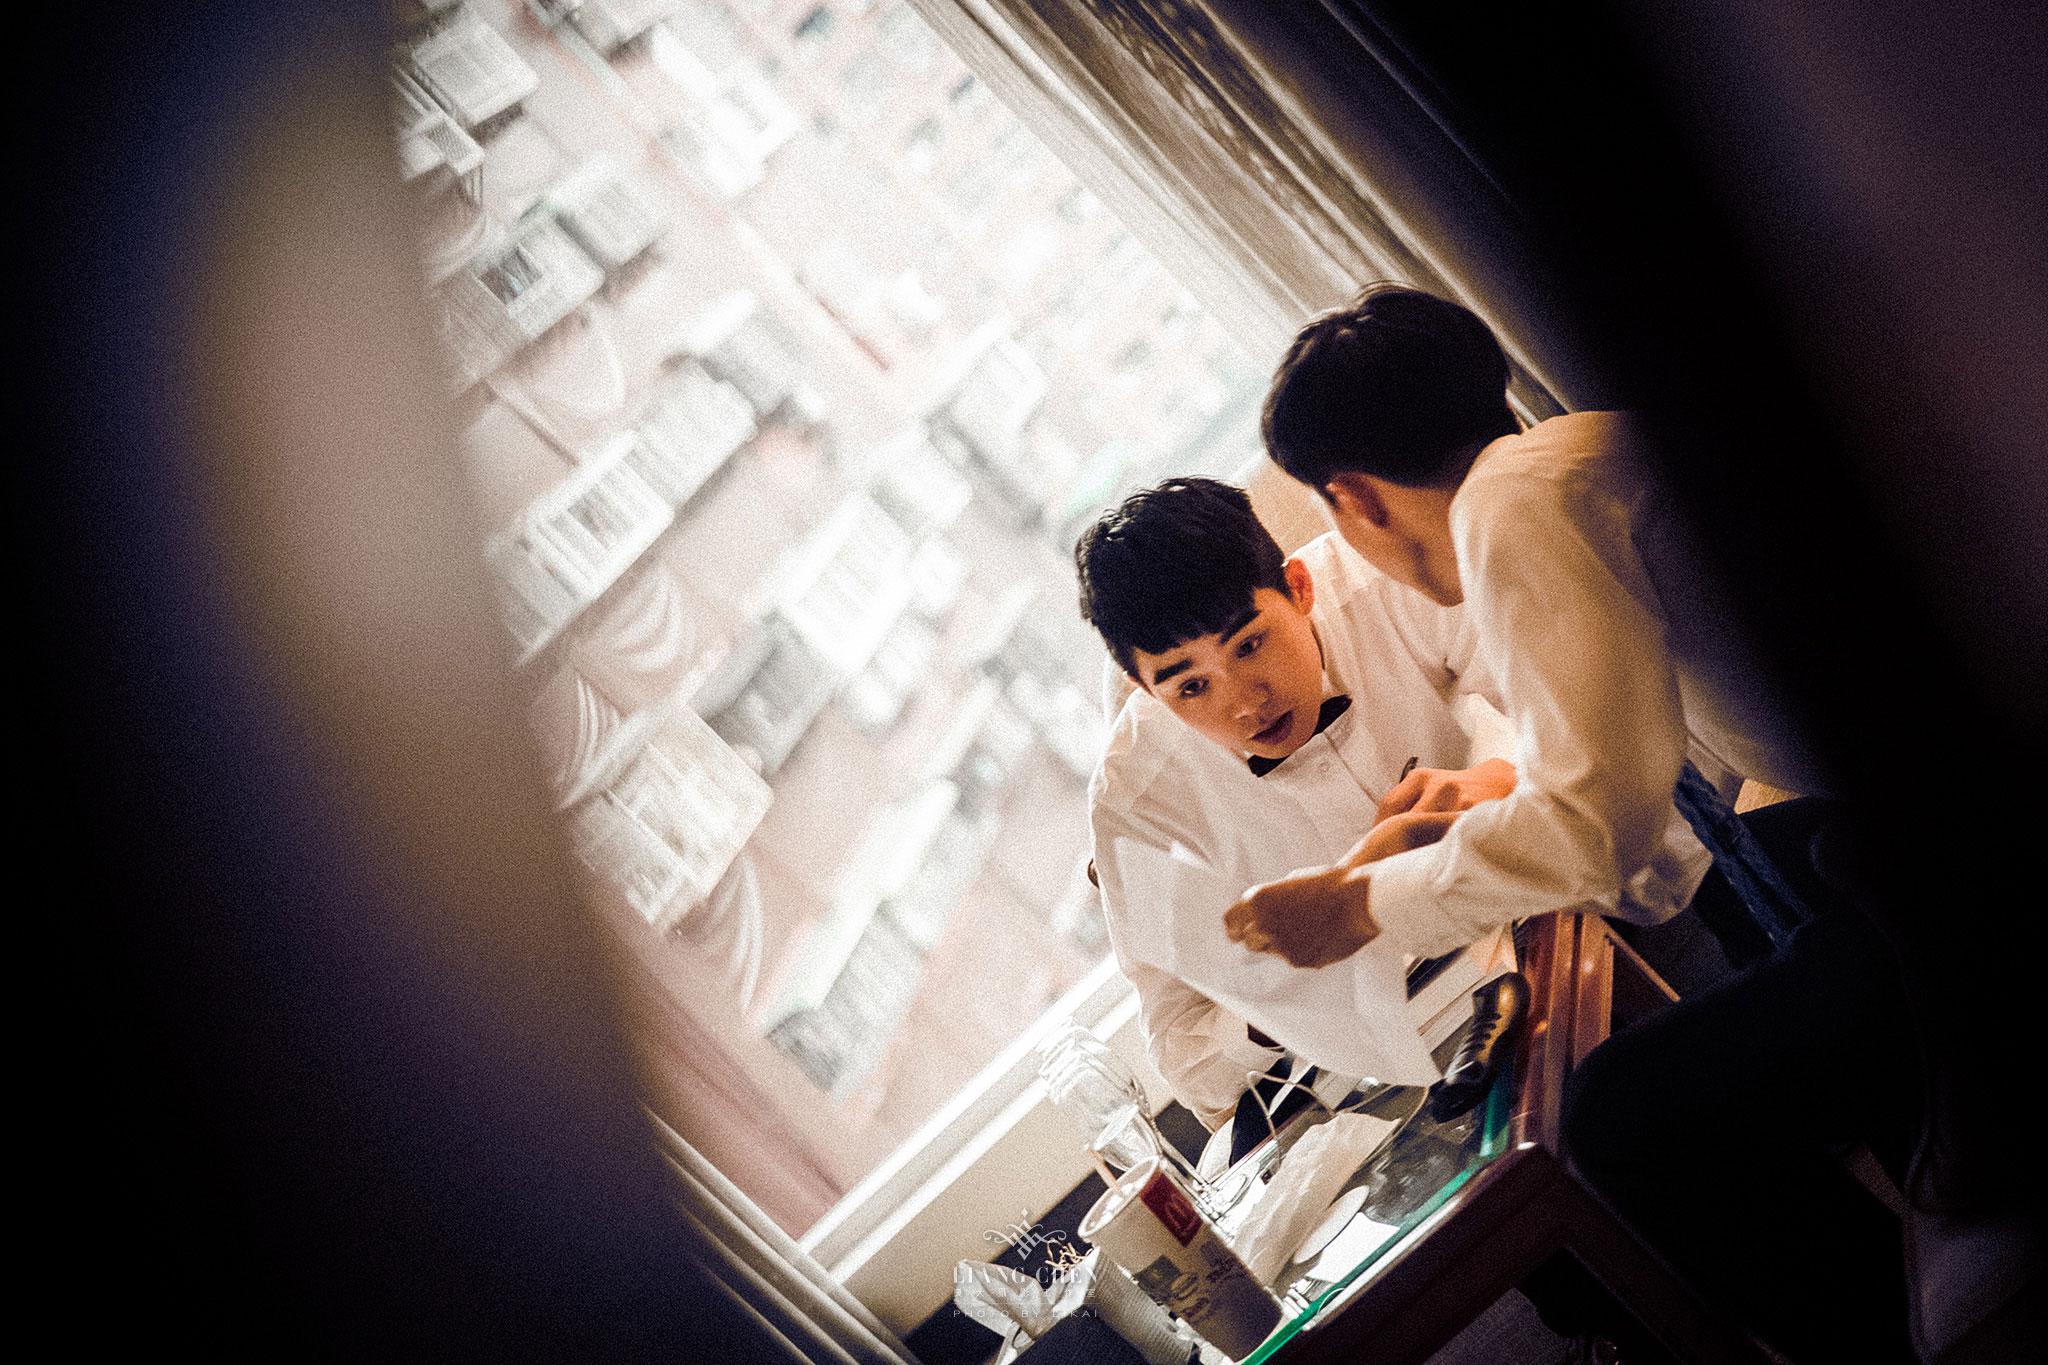 婚禮紀錄 - 倫安 & 李迪 - 晶華酒店